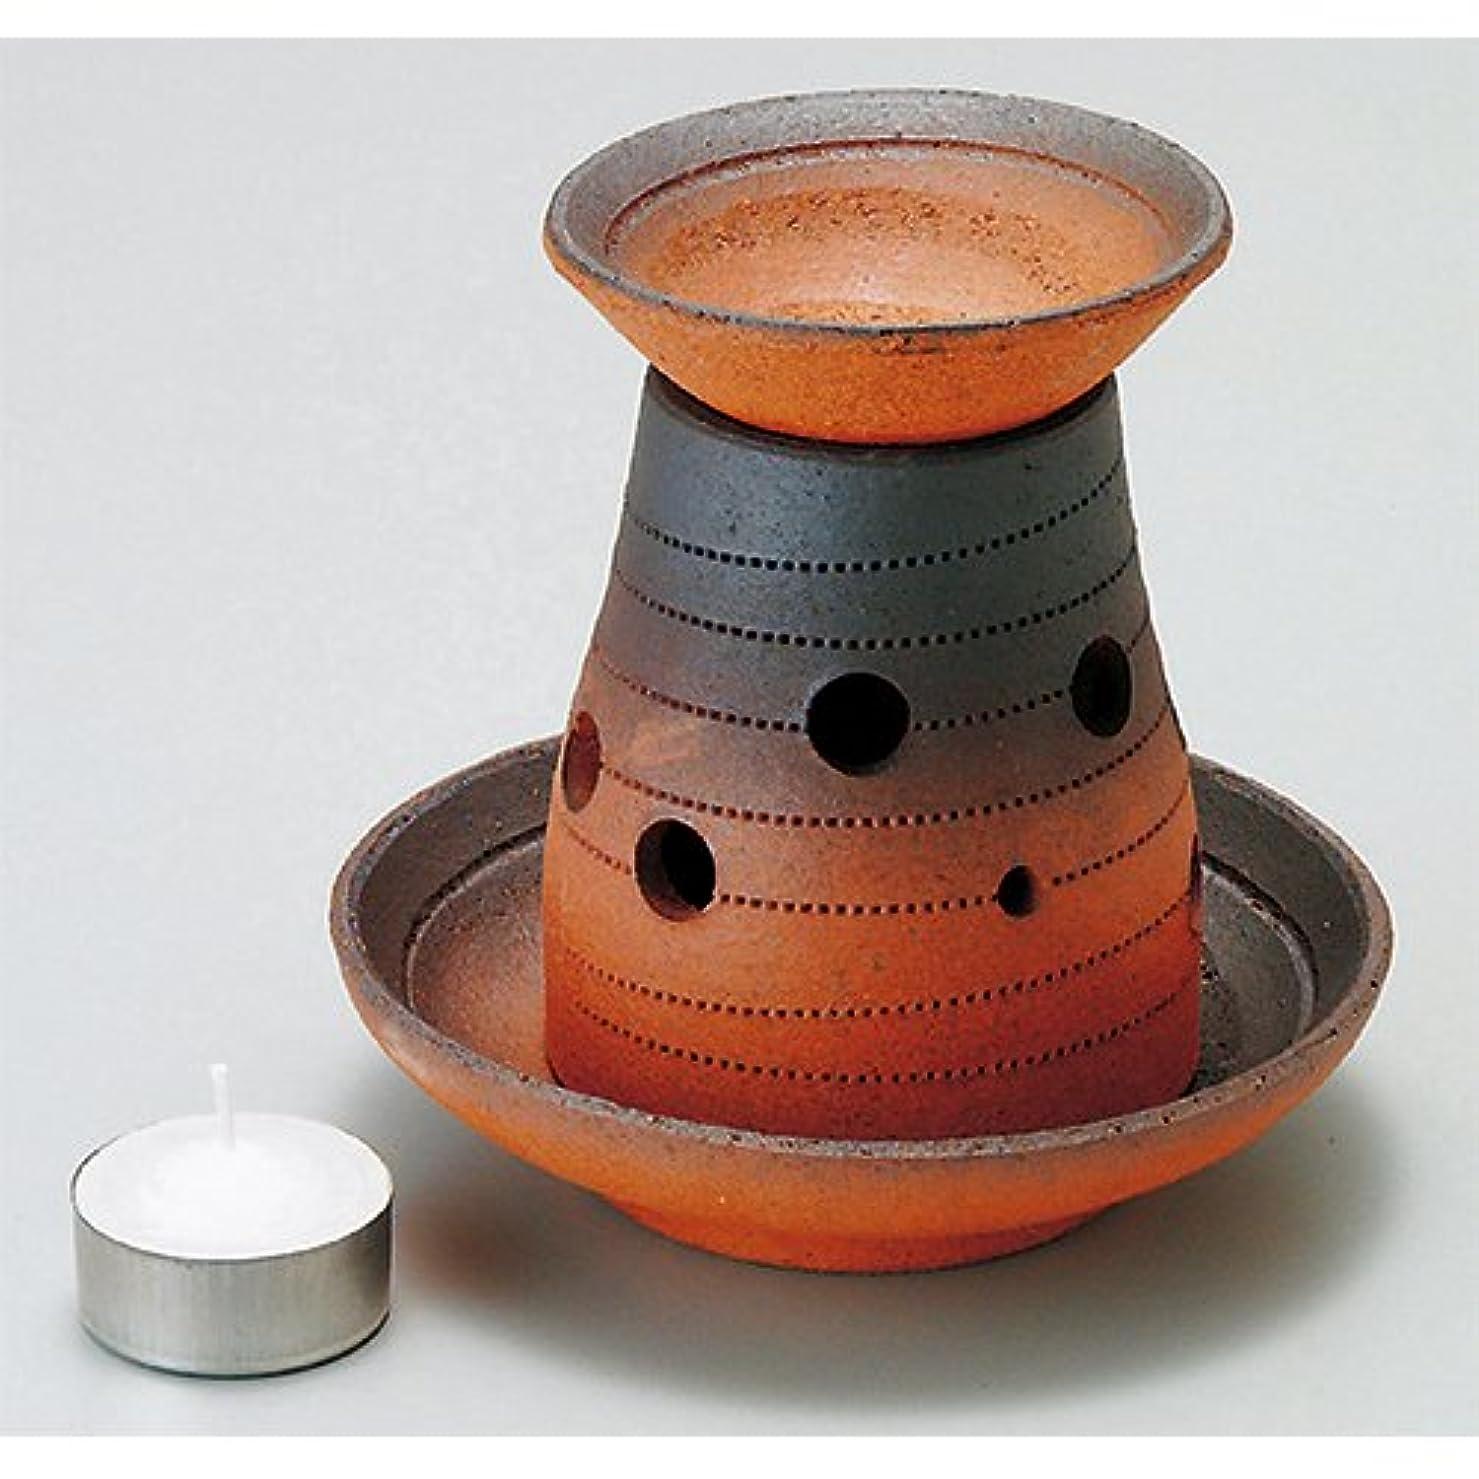 香炉 くつろぎ 茶香炉 [R13xH12.5cm] プレゼント ギフト 和食器 かわいい インテリア